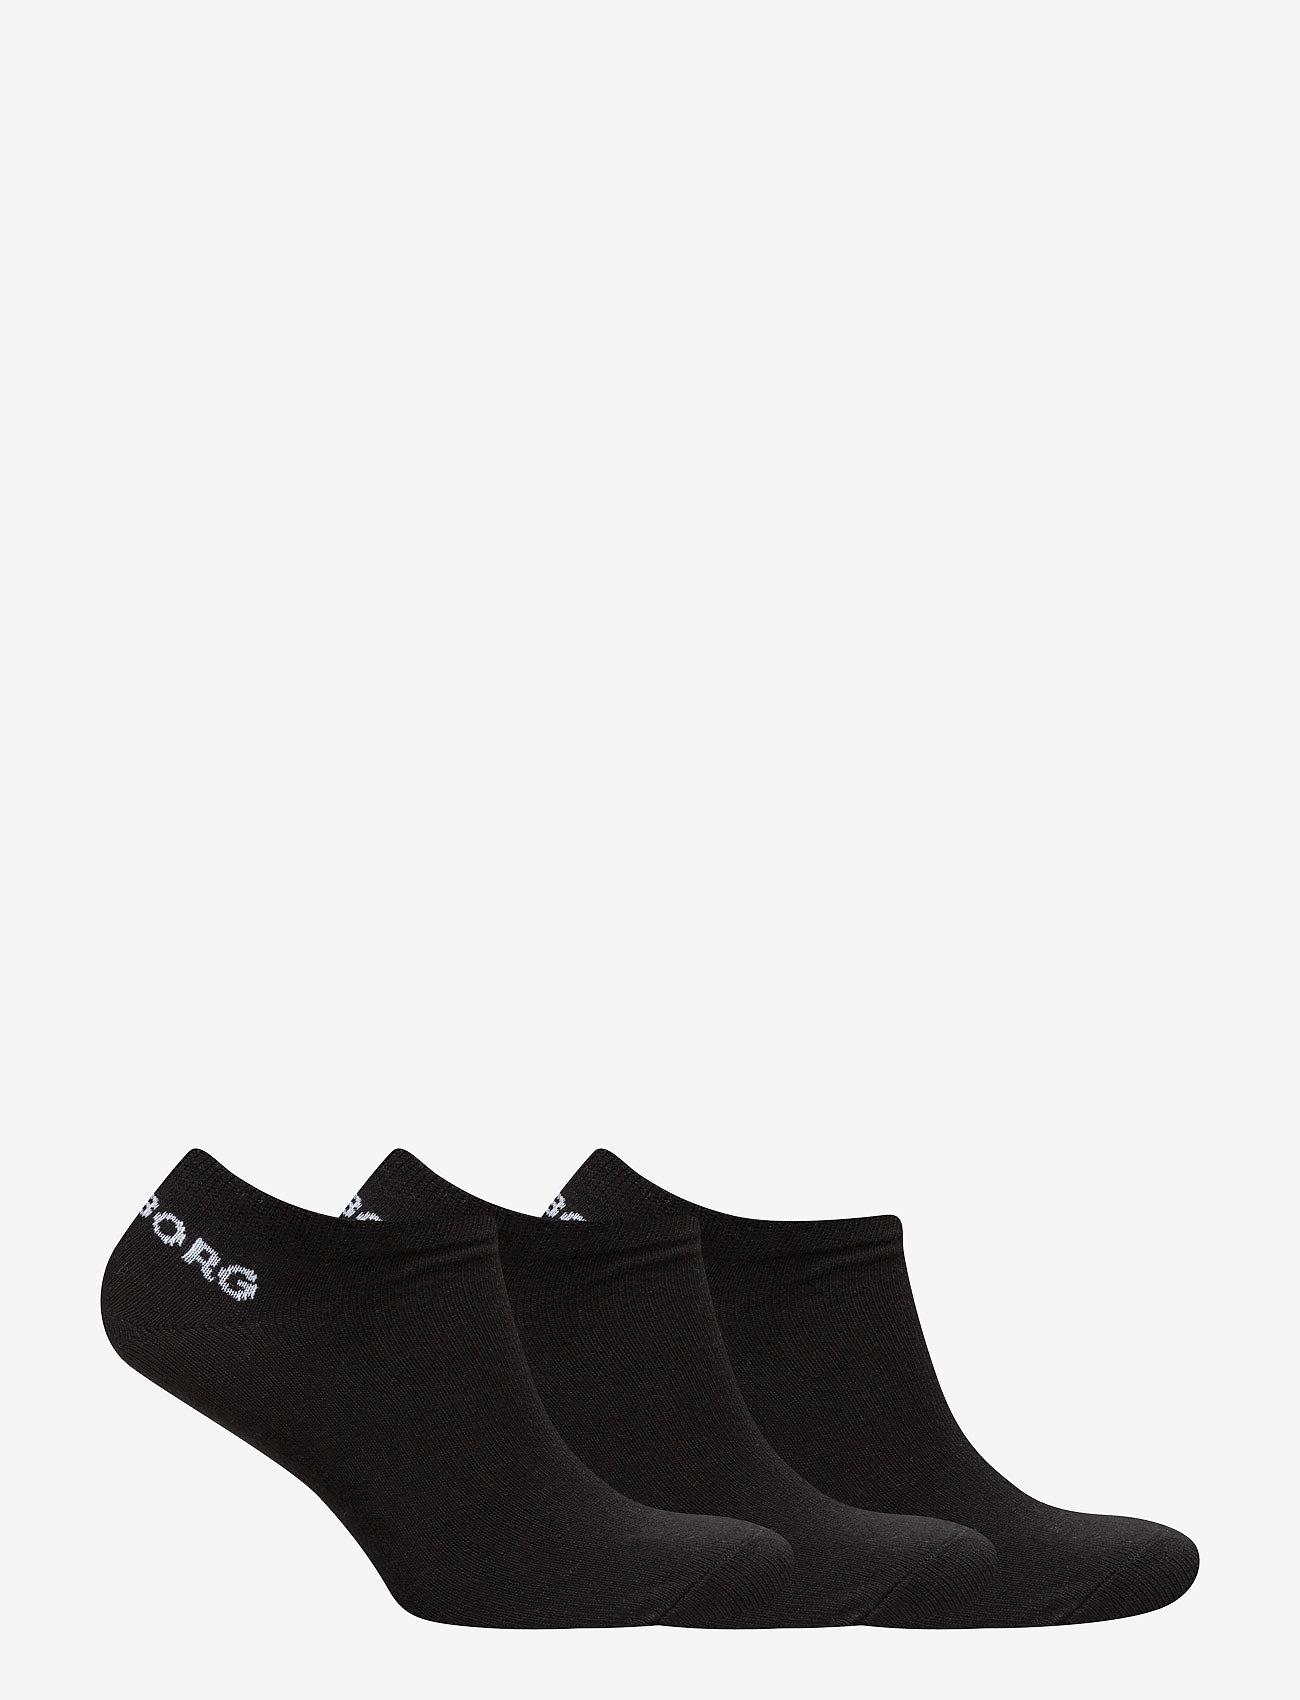 Björn Borg - SOCK ESSENTIAL 3p - chaussette de cheville - black - 1